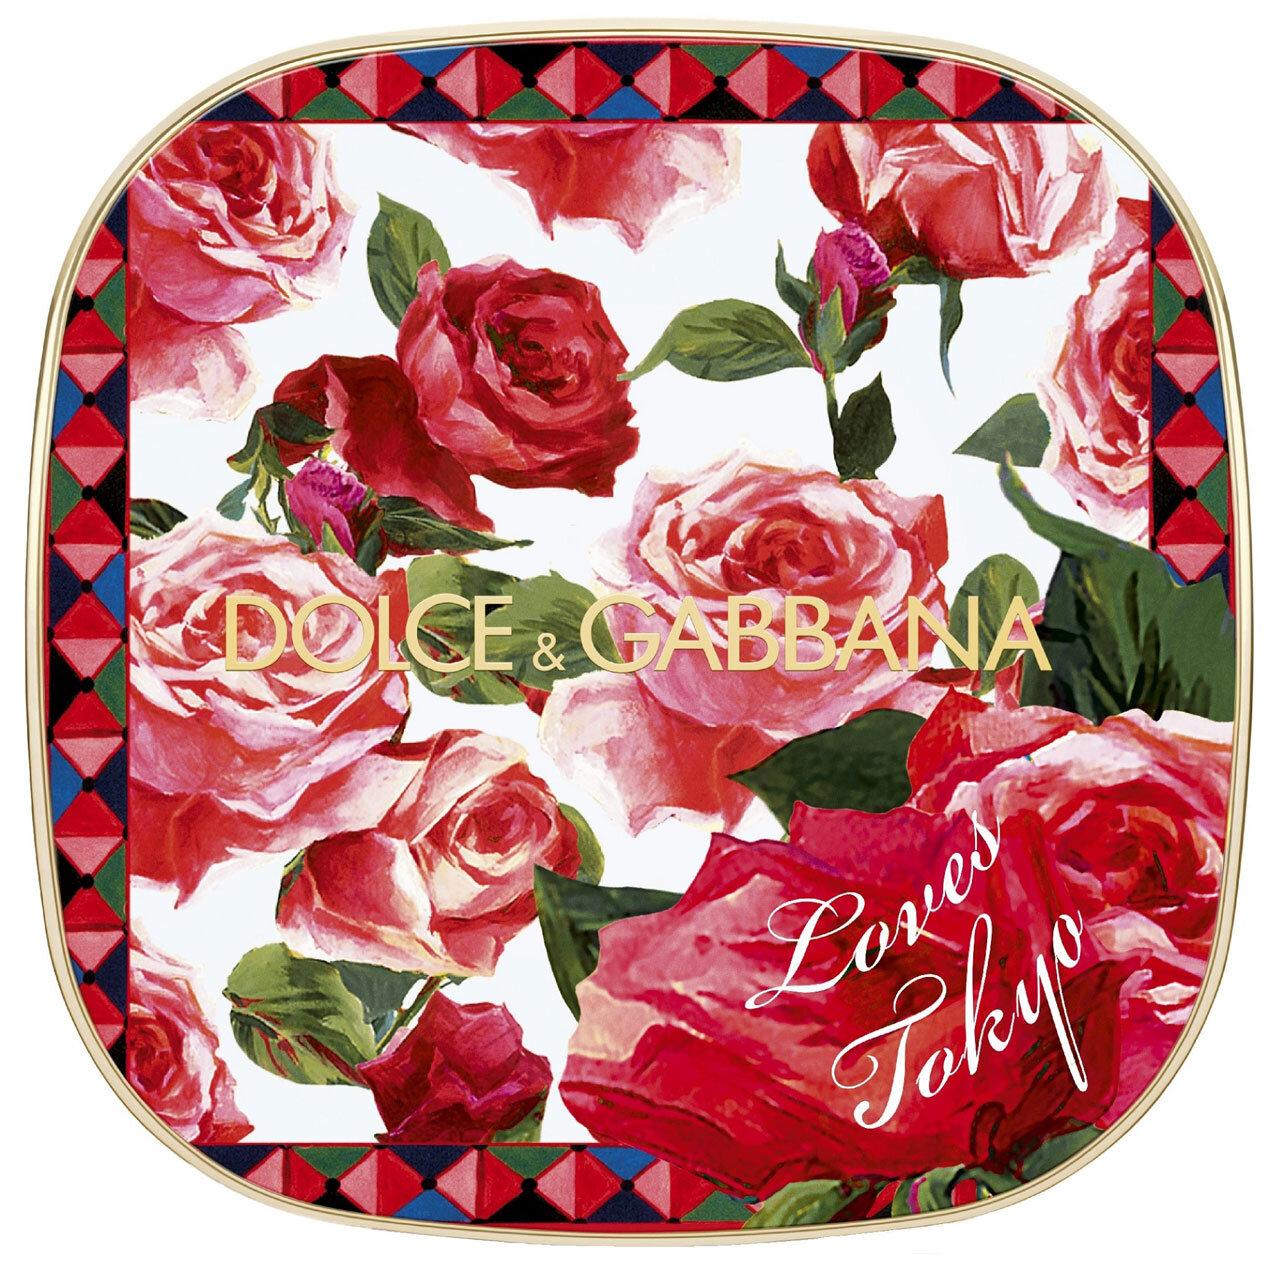 DOLCE & GABBANA BEAUTY『ドルチェ&ガッバーナ ブラッシュオブローズ ルミナスチークカラー ラブコレクター』